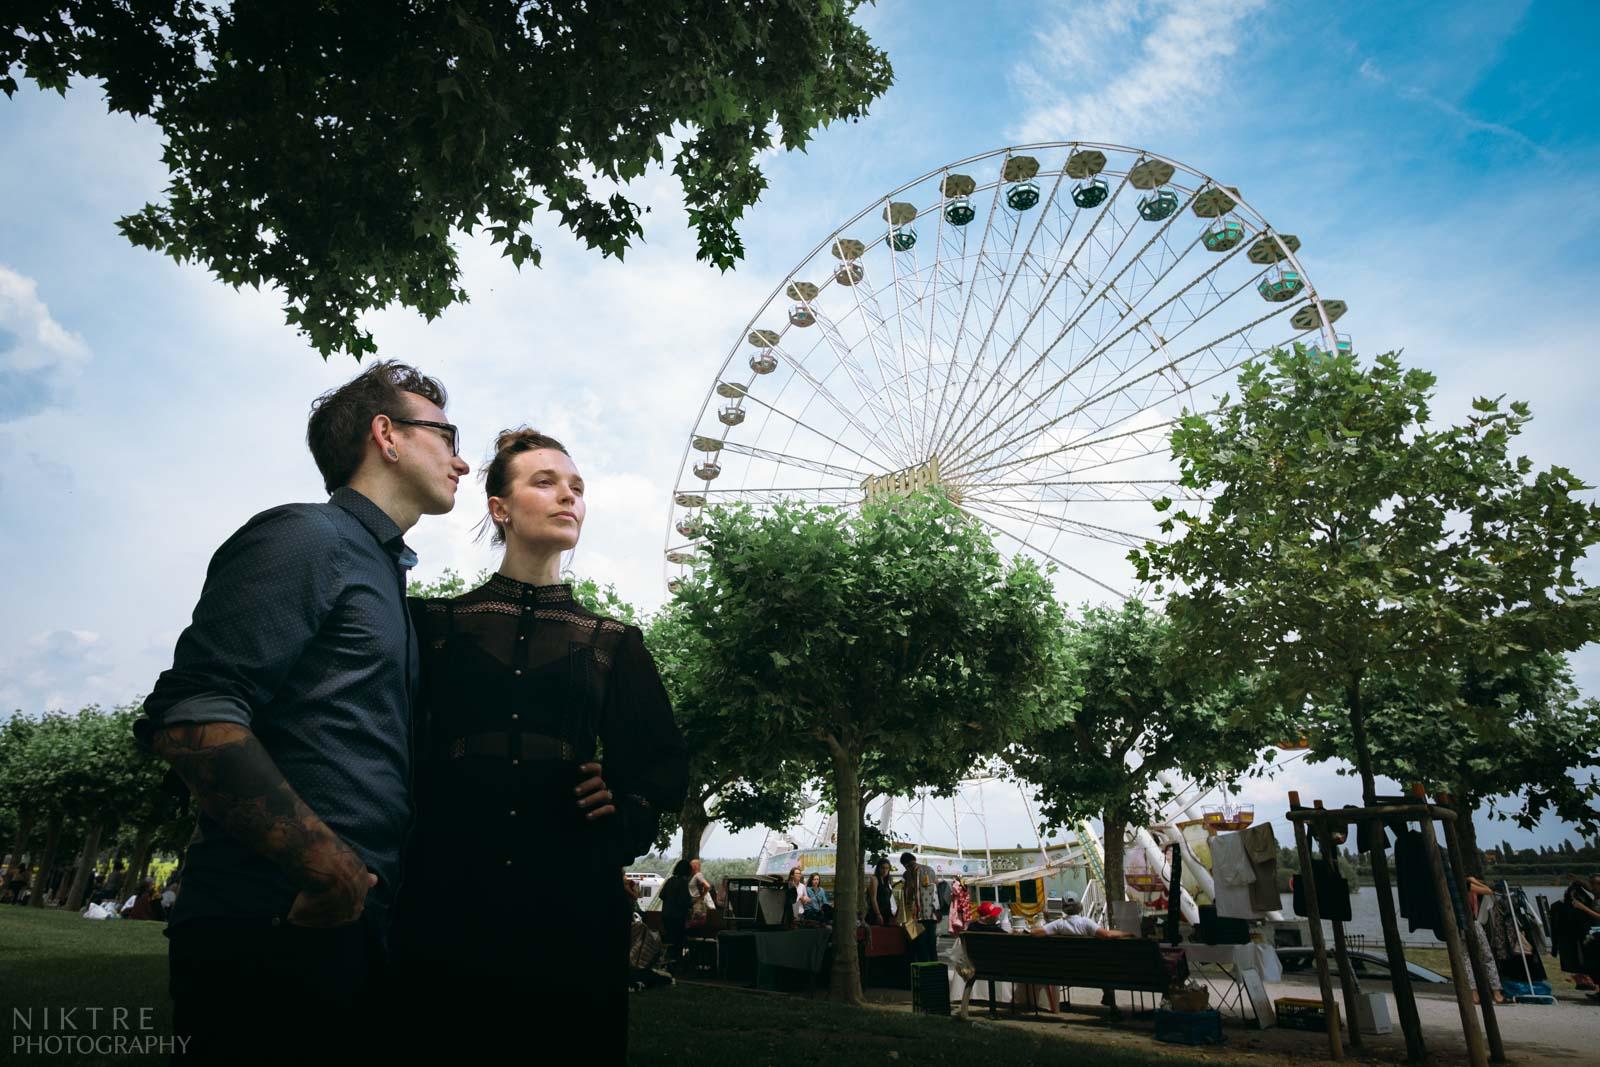 Fotoshooting mit einem Riesenrad im Hintergrund